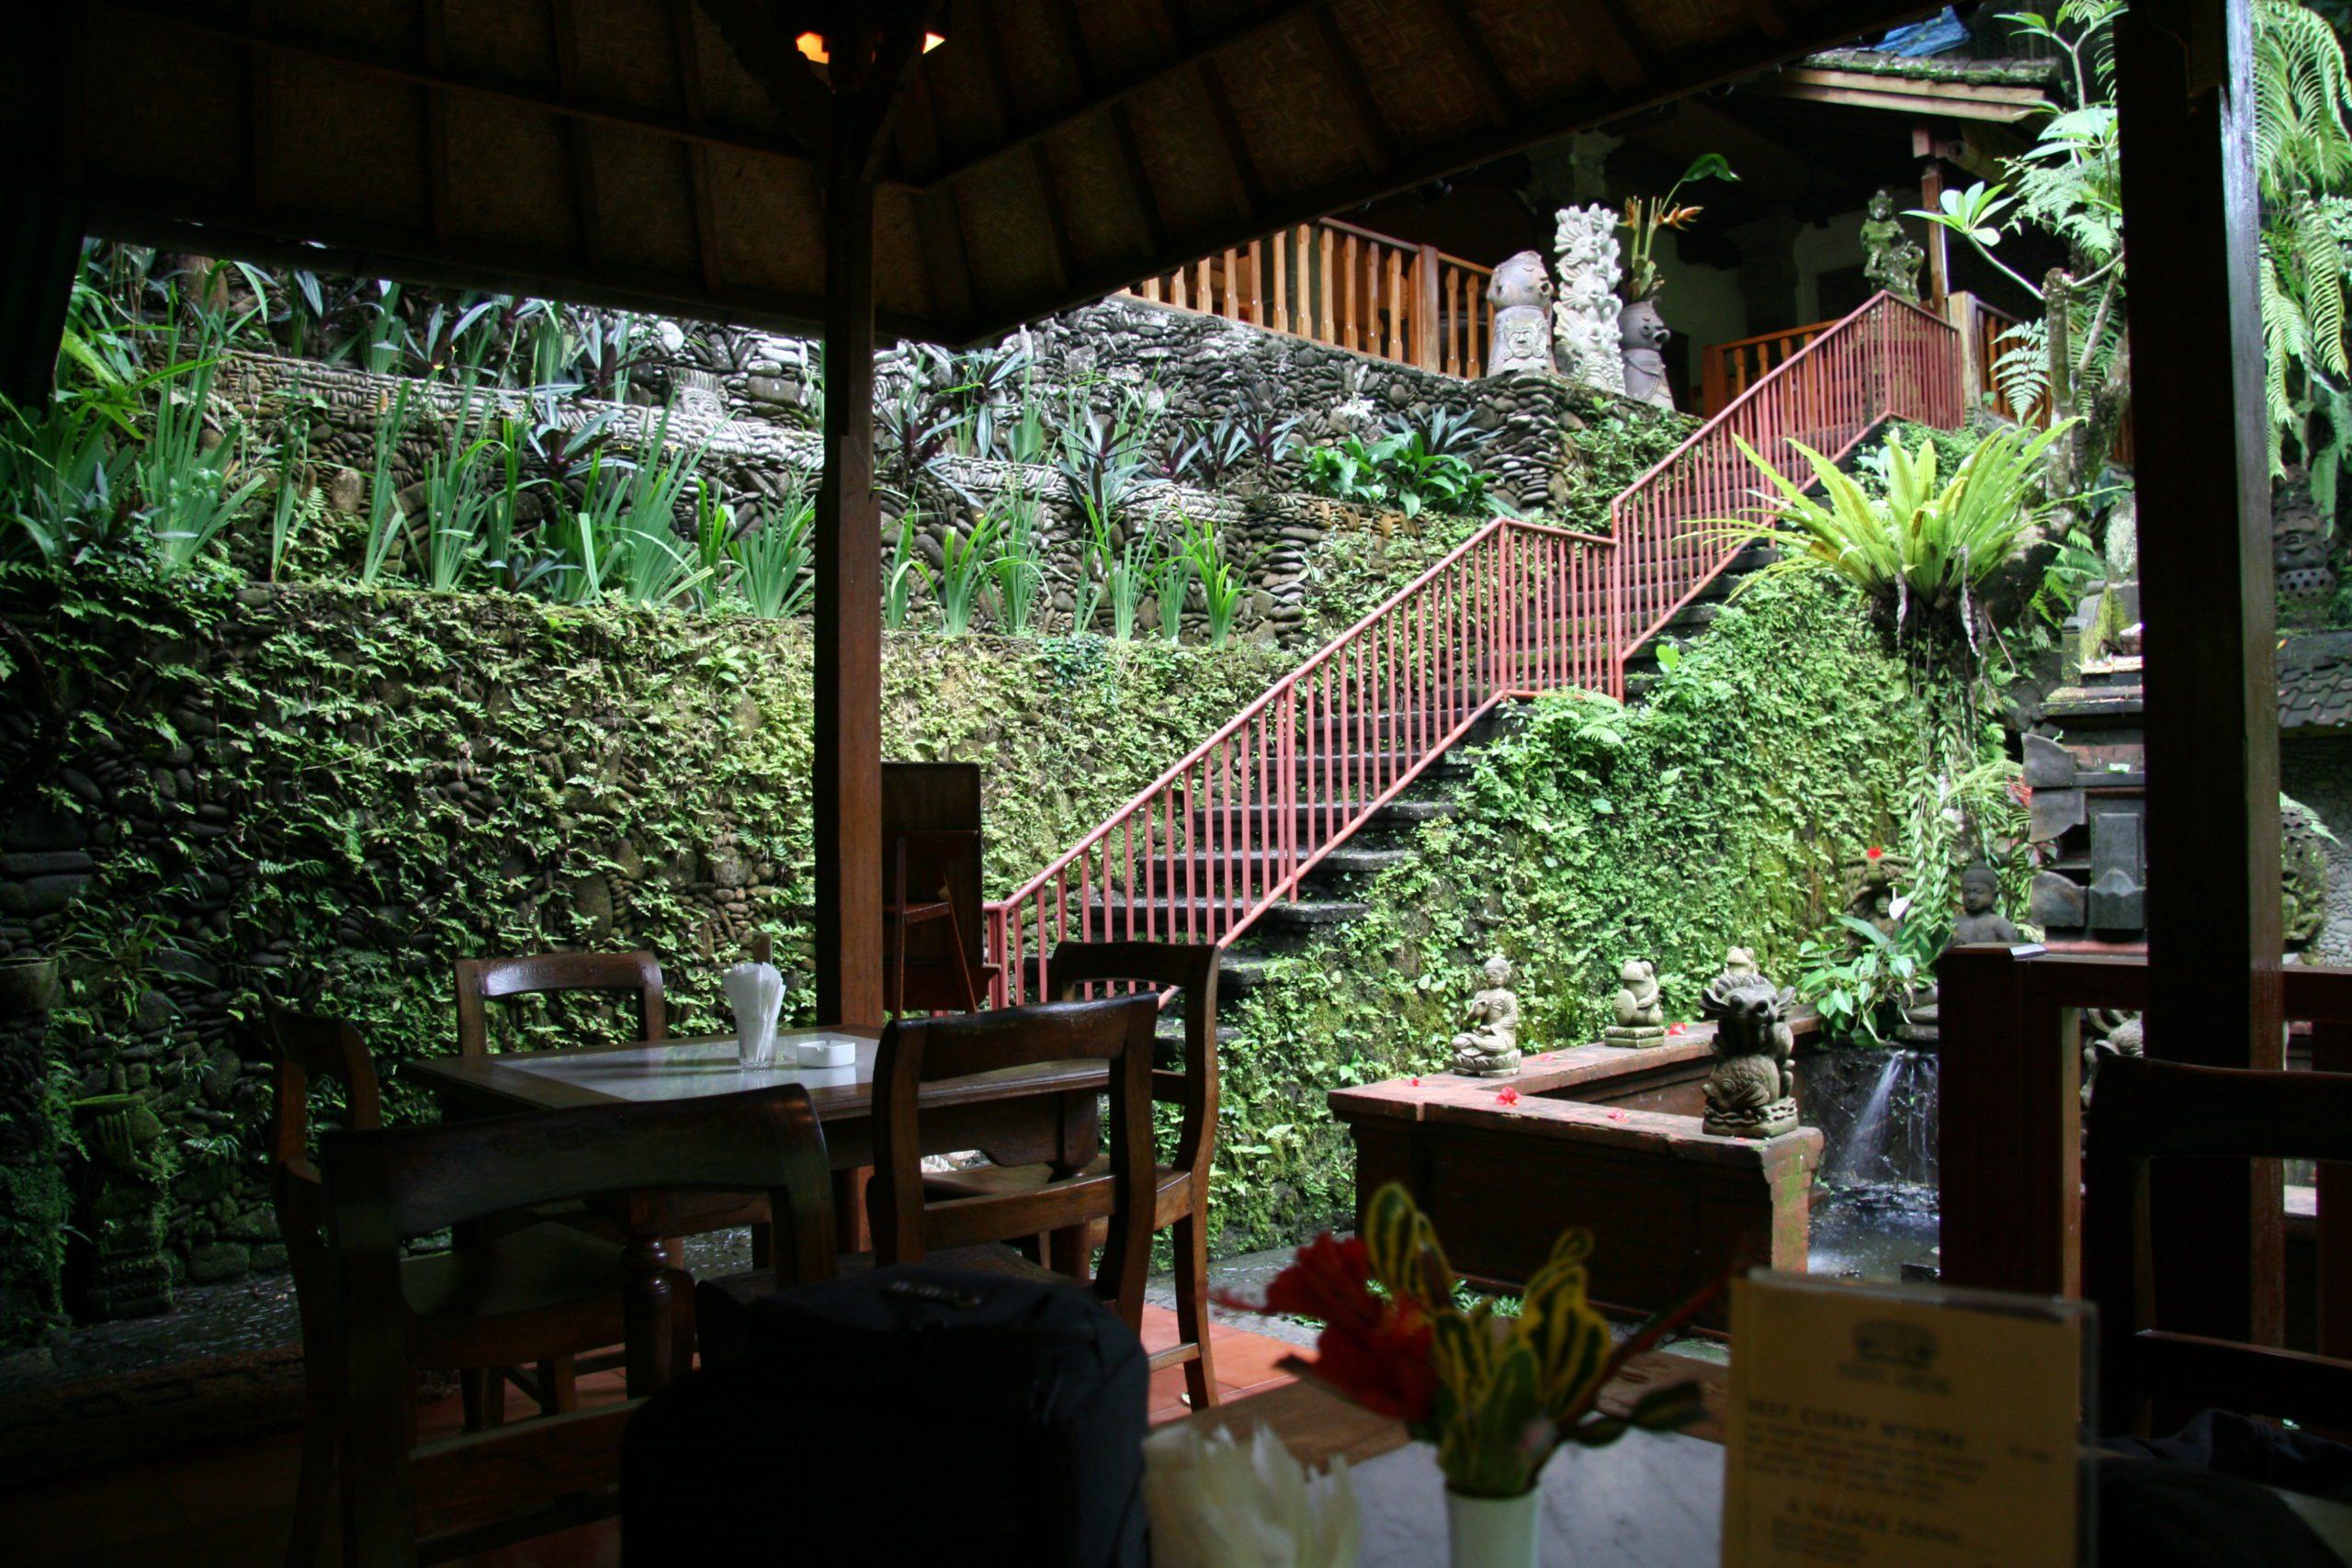 Уникальное место Murni's Warung